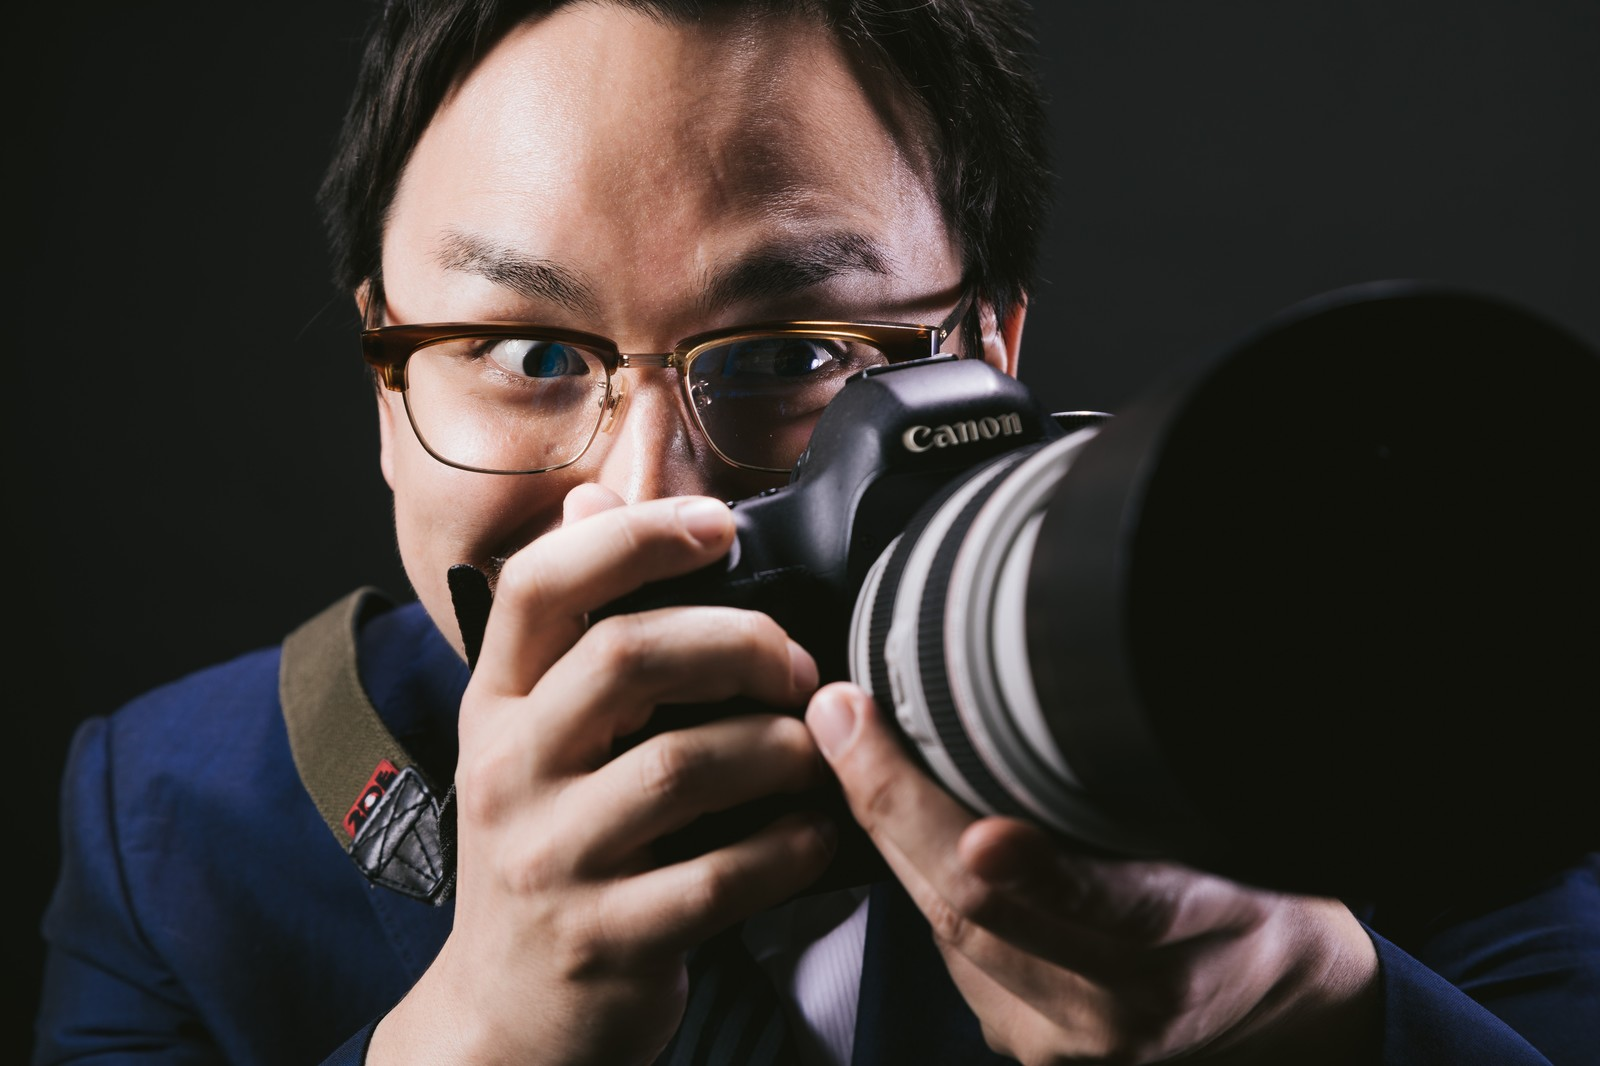 「望遠レンズで狙うゲス顔カメラマン」の写真[モデル:Max_Ezaki]